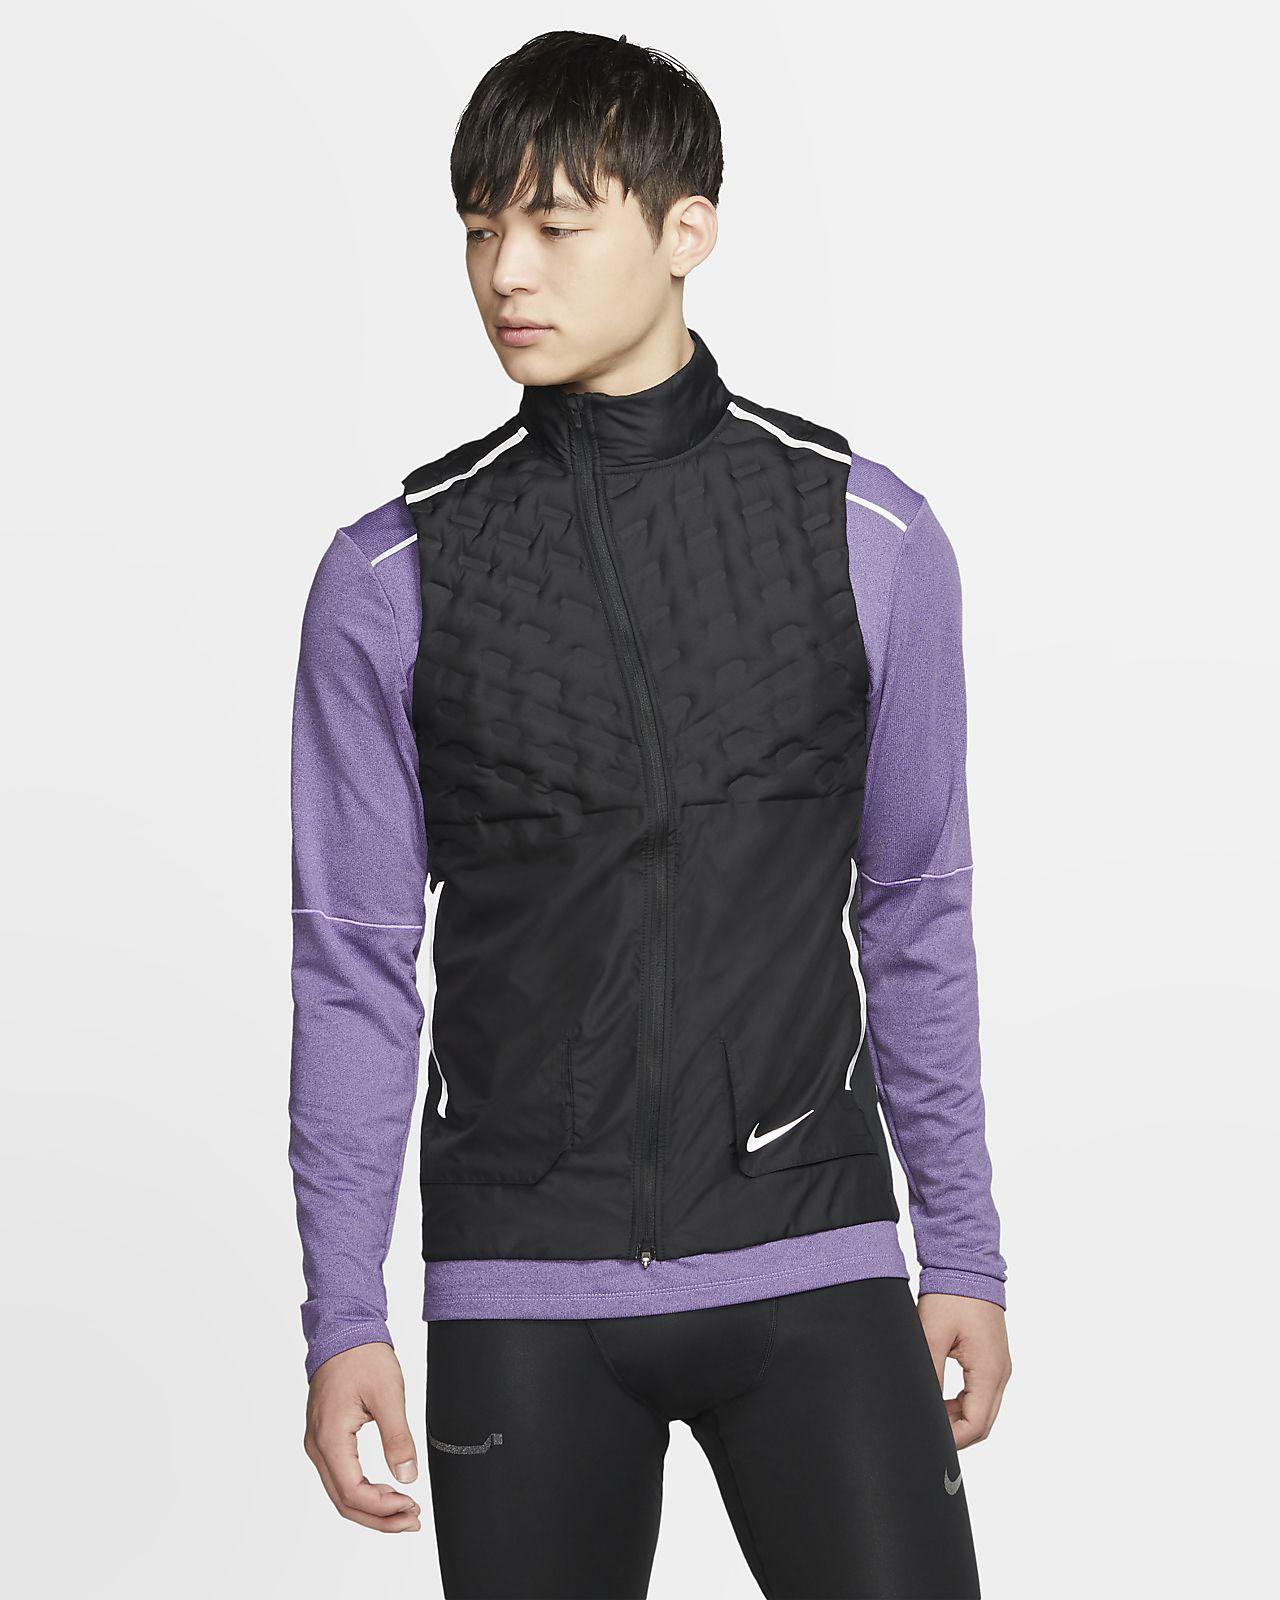 Veste de running sans manches Nike AeroLoft pour Homme